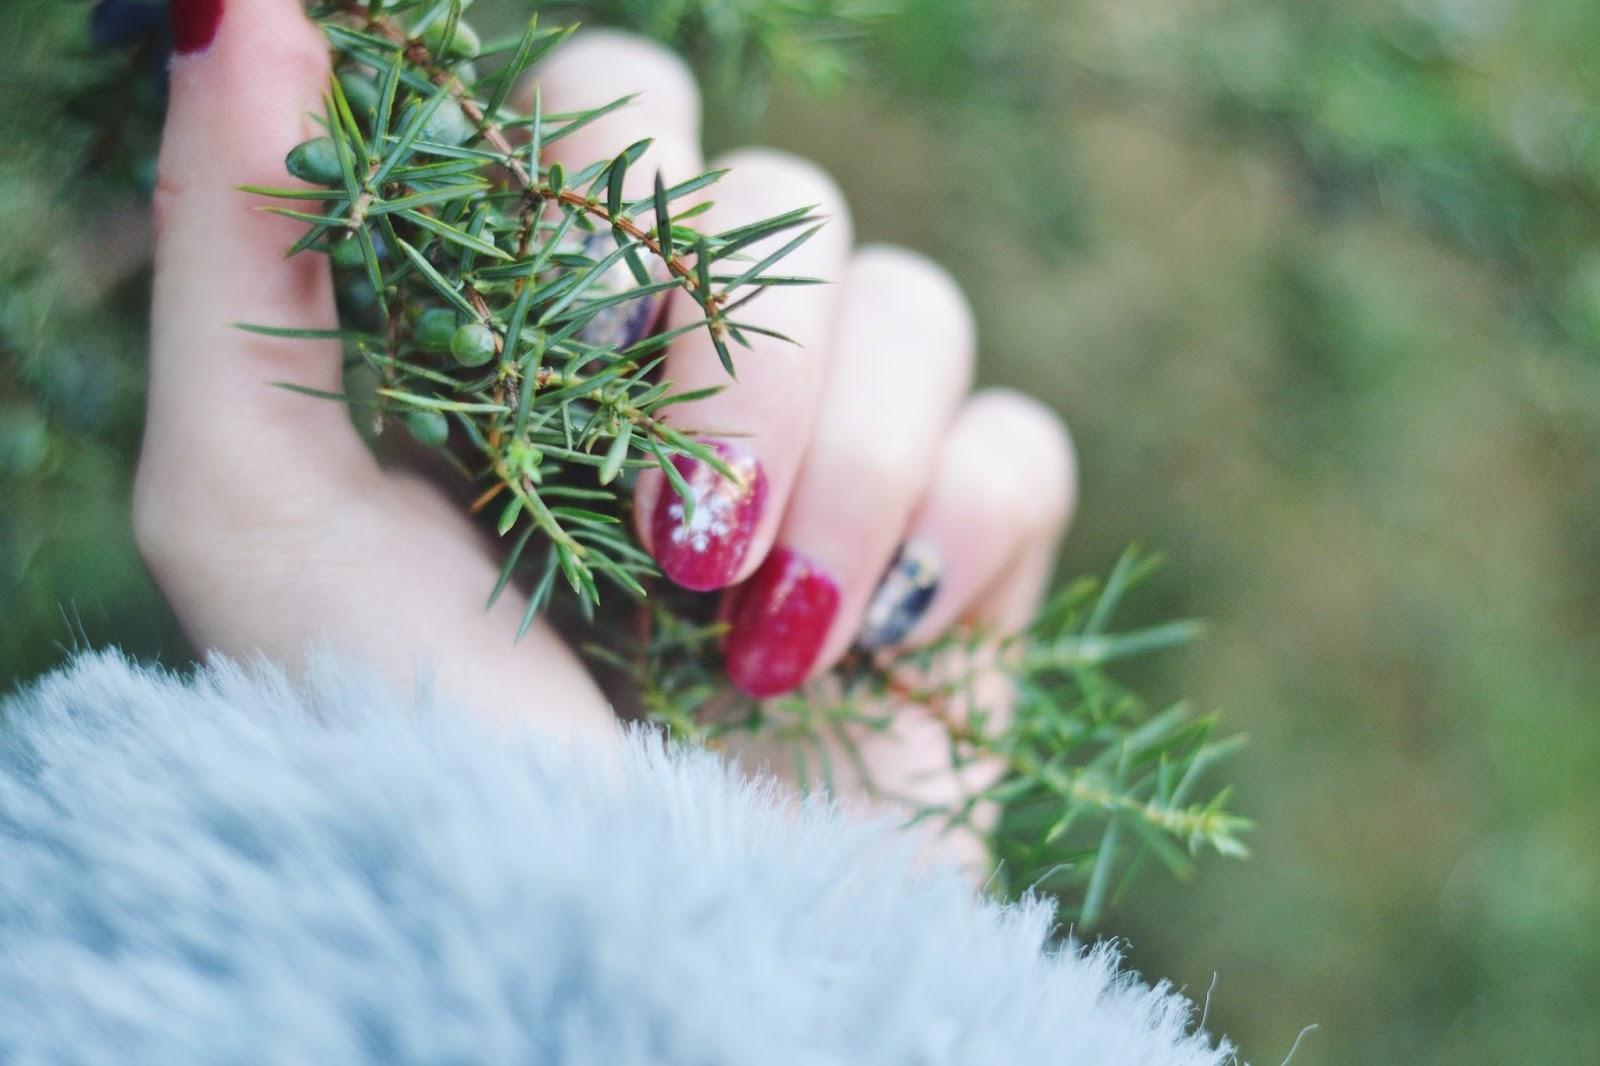 paznokcie w zimowym stylu